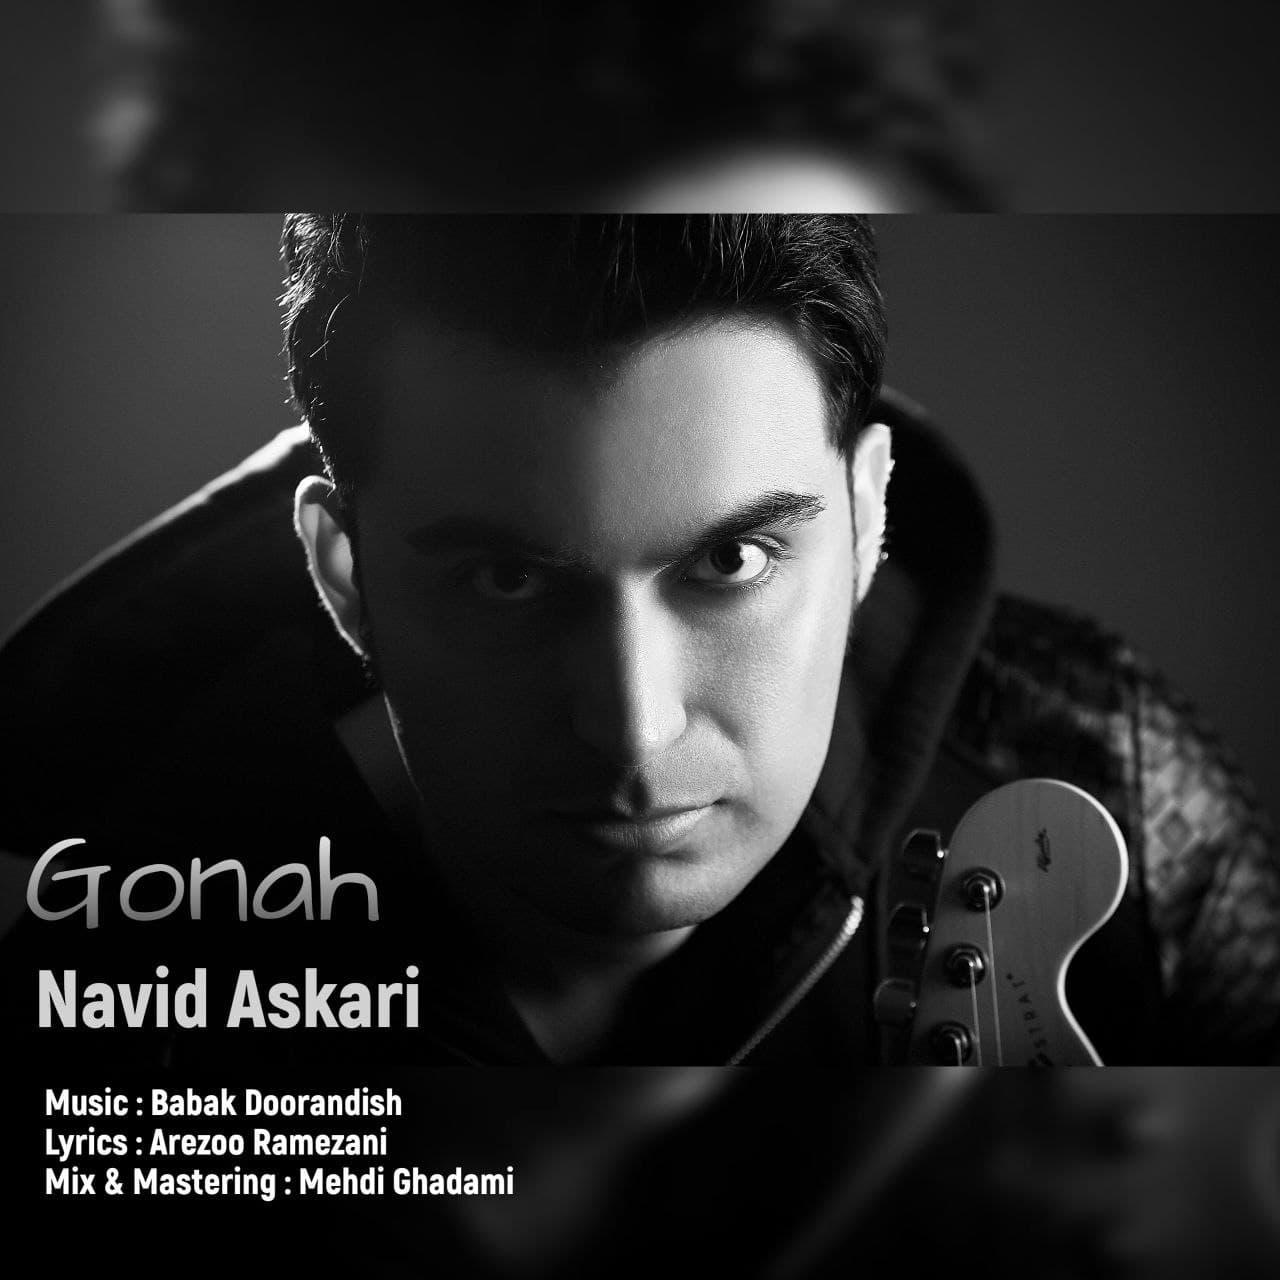 Navid Askari – Gonah